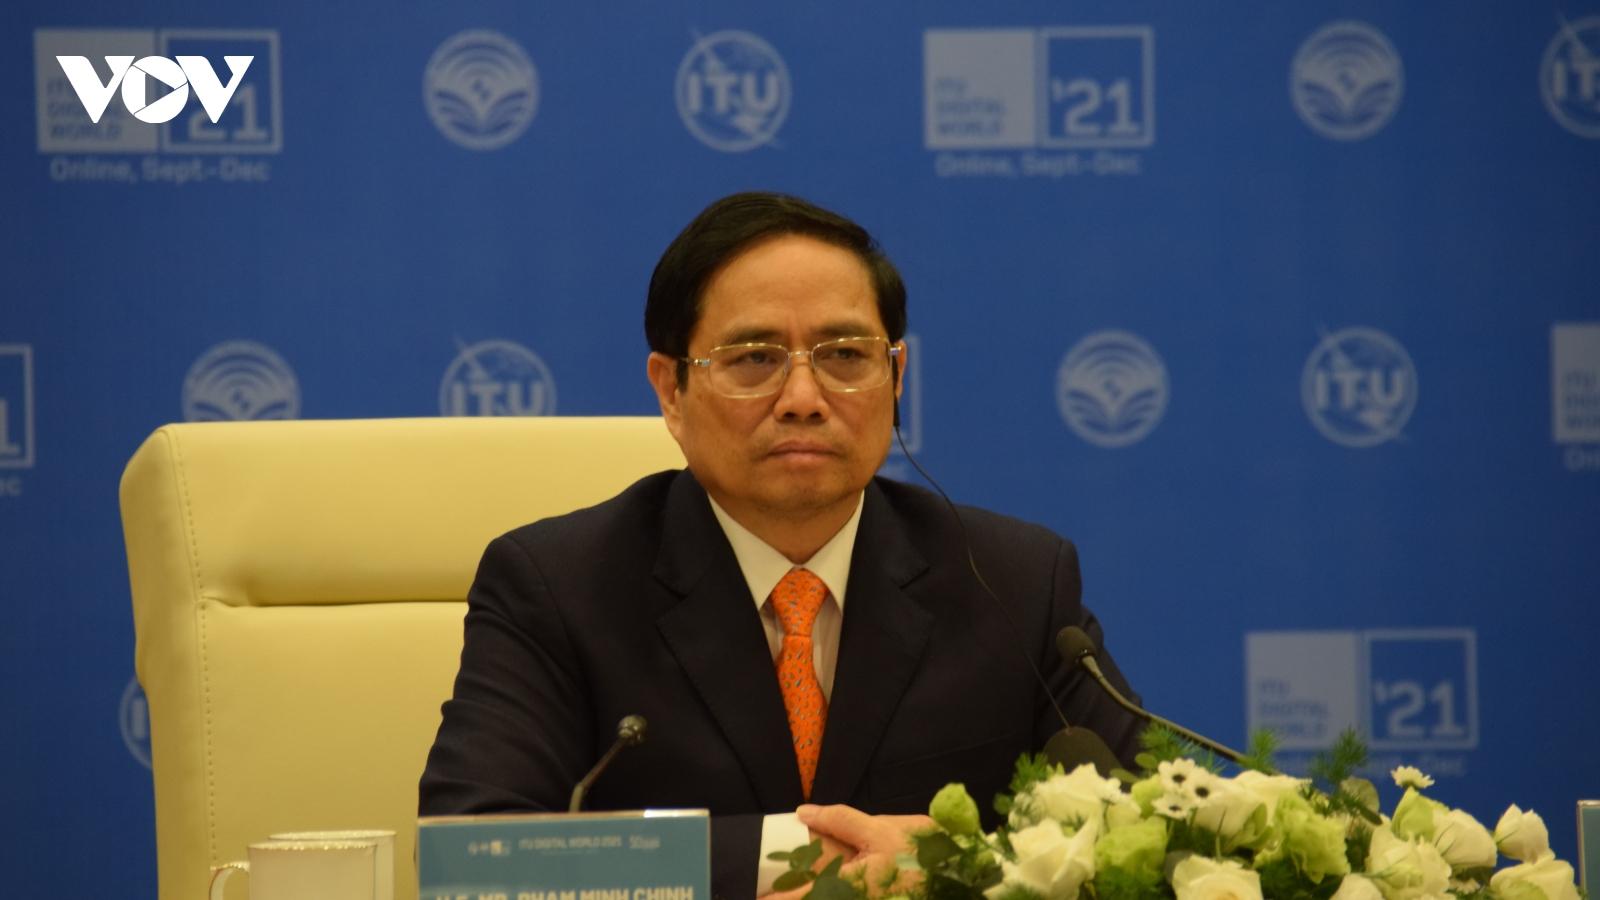 Thủ tướng Phạm Minh Chính dự Hội nghị Bộ trưởng Thế giới số 2021